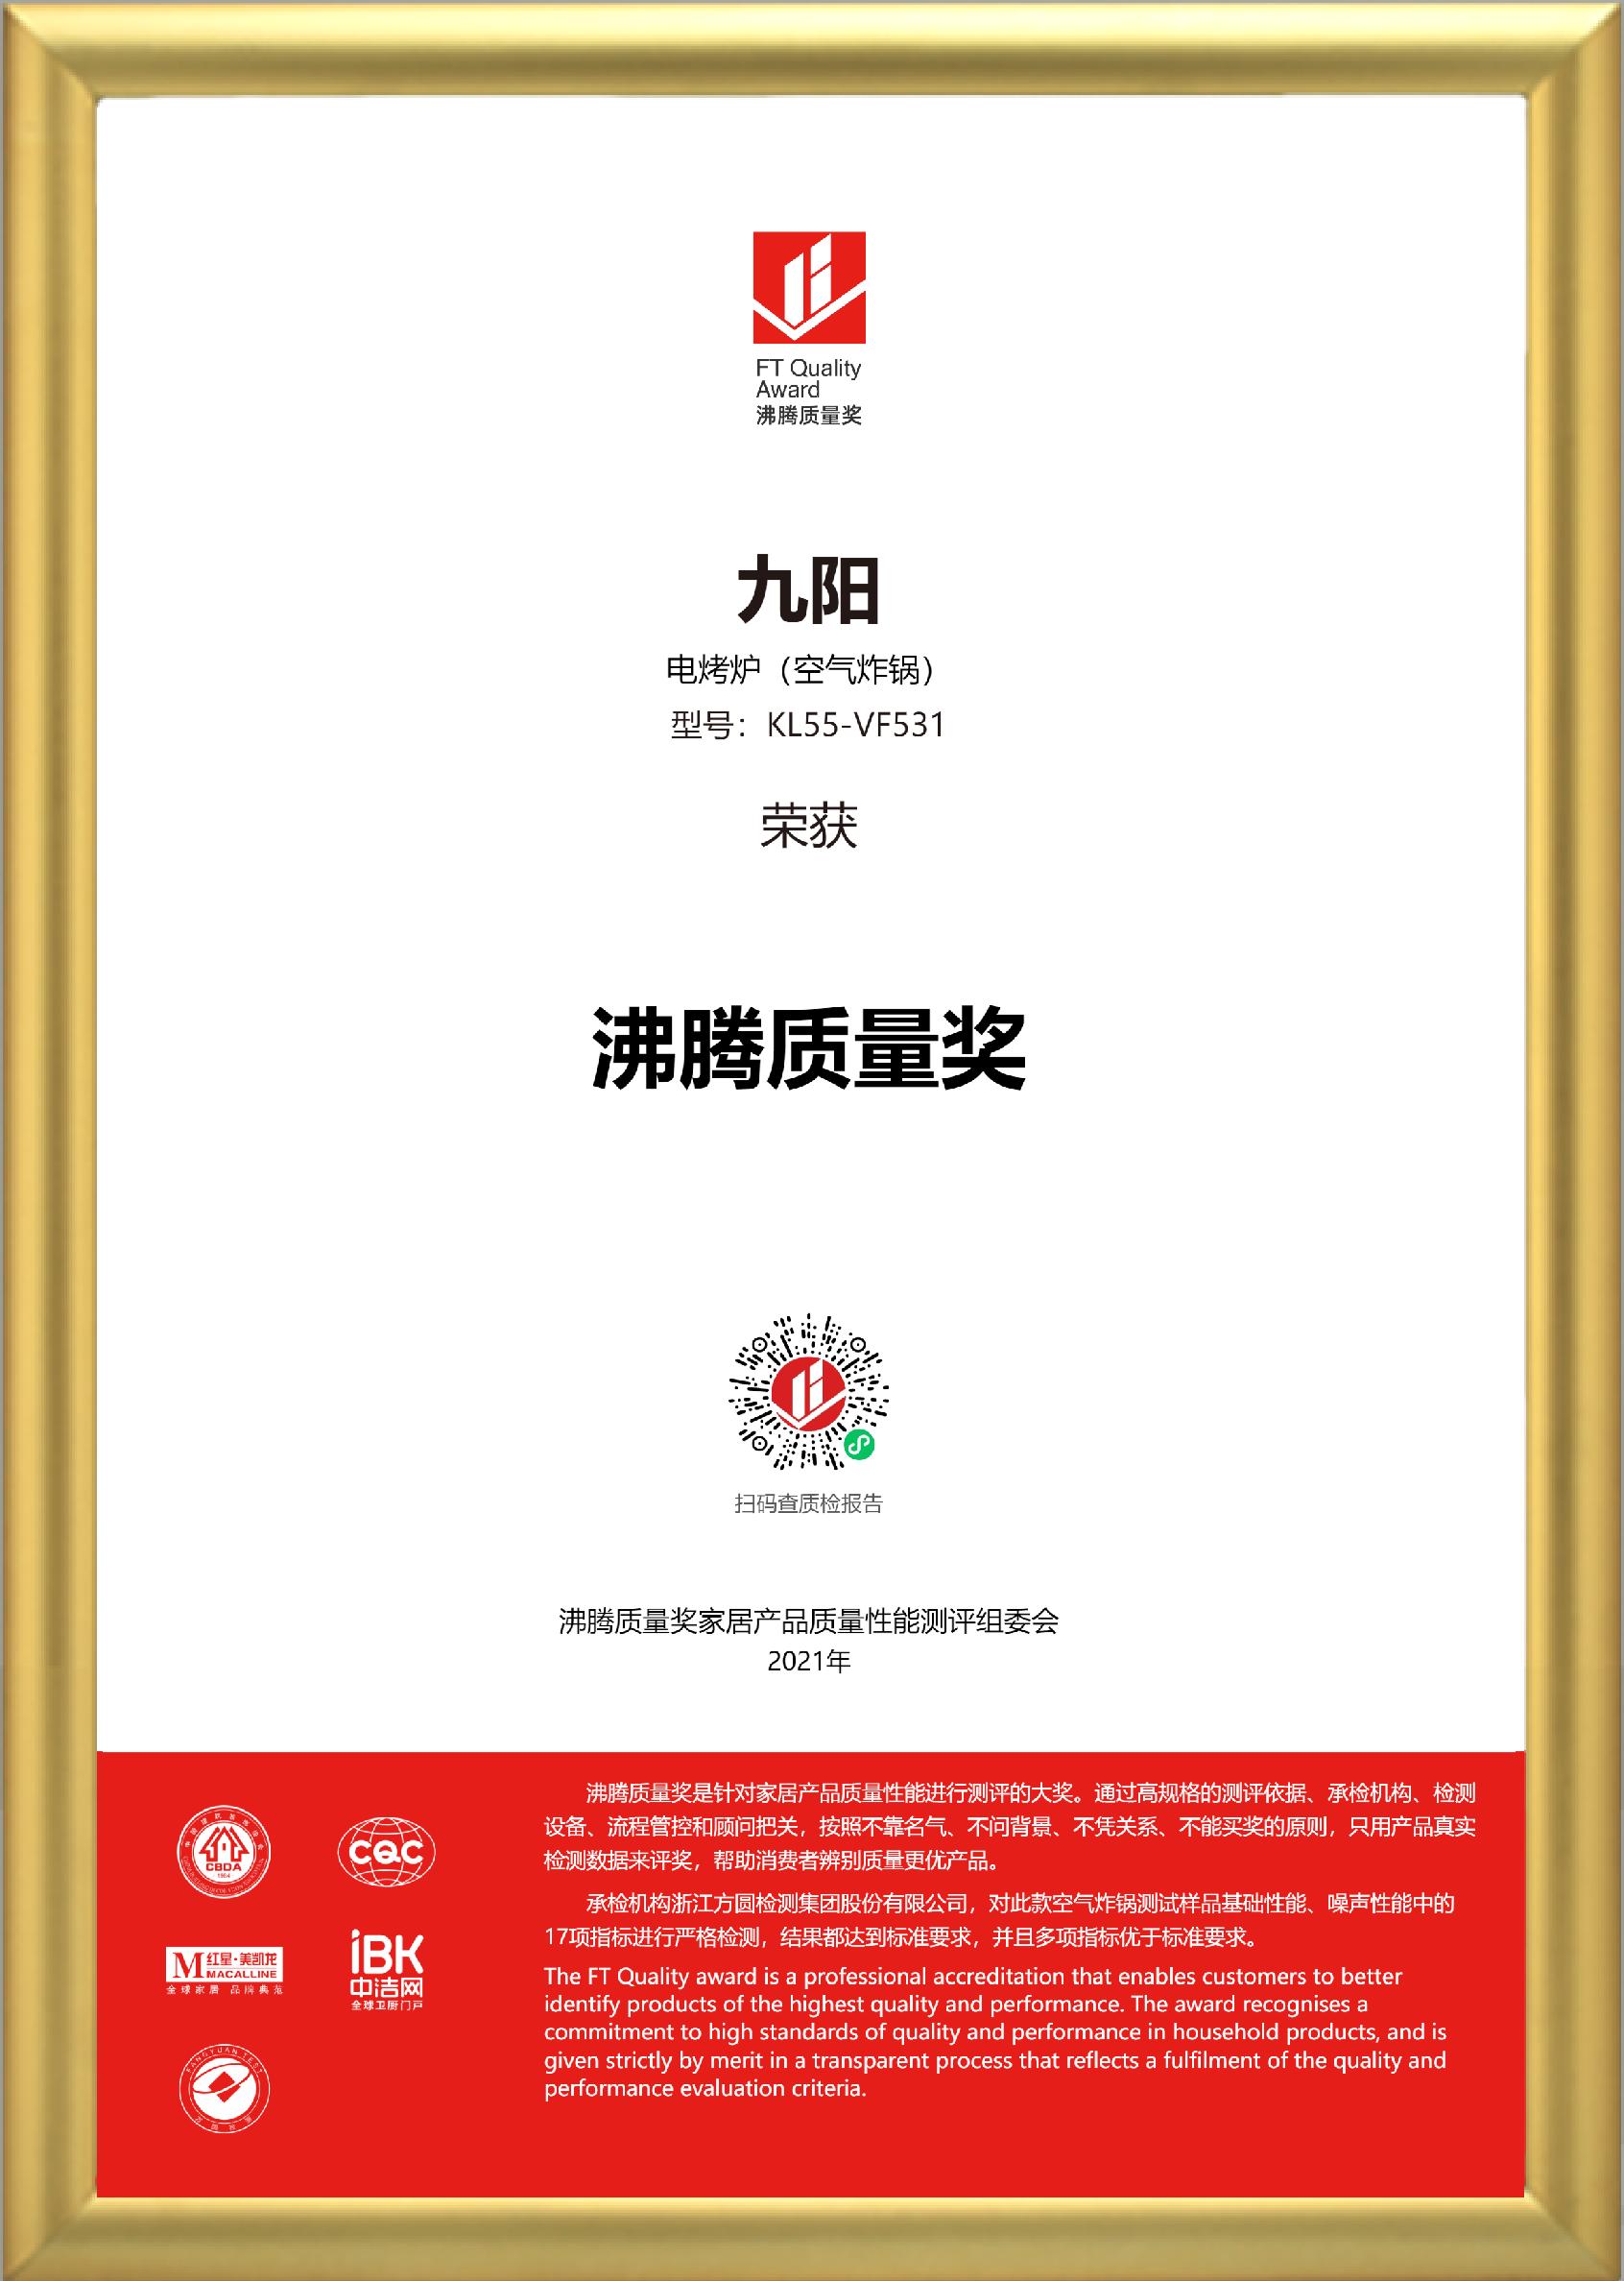 金框加持-获奖证书-九阳-空气炸锅-KL55-VF531.png